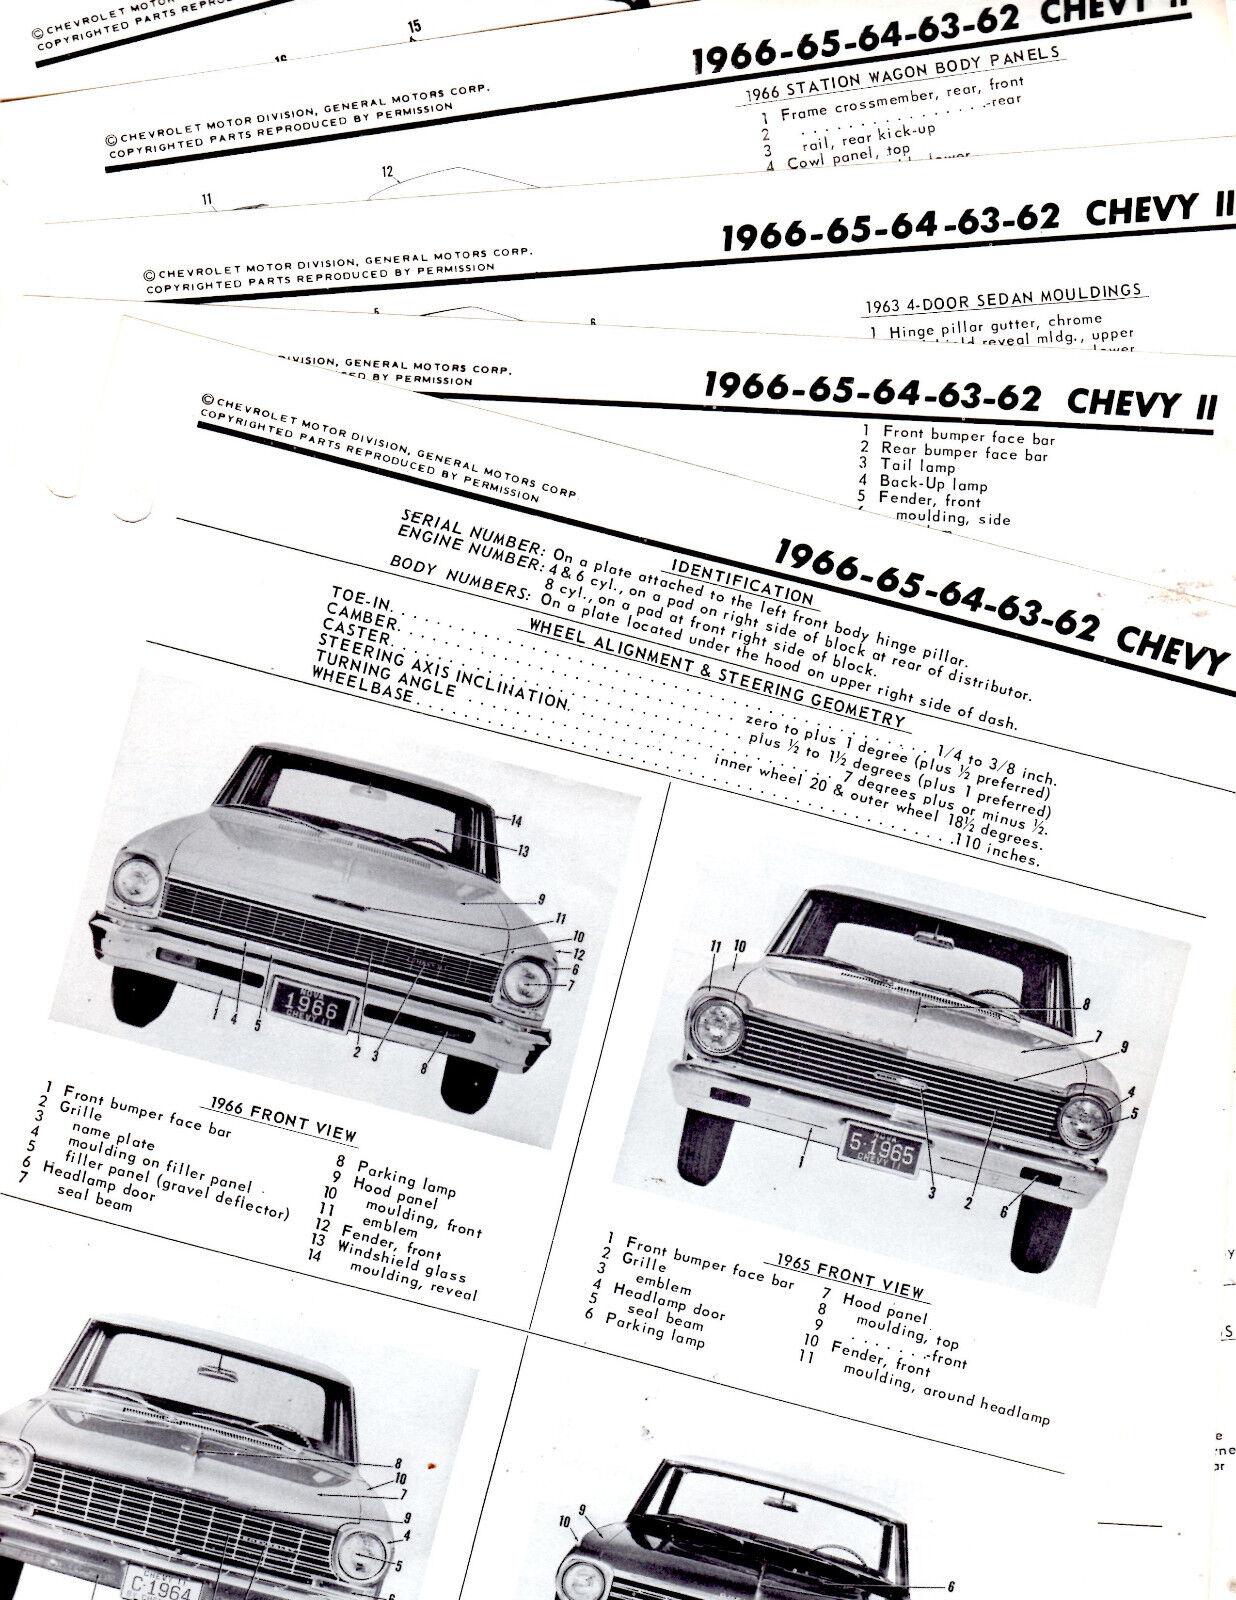 1962 1963 1964 1965 1966 CHEVY II NOVA BODY FRAME MOTORS